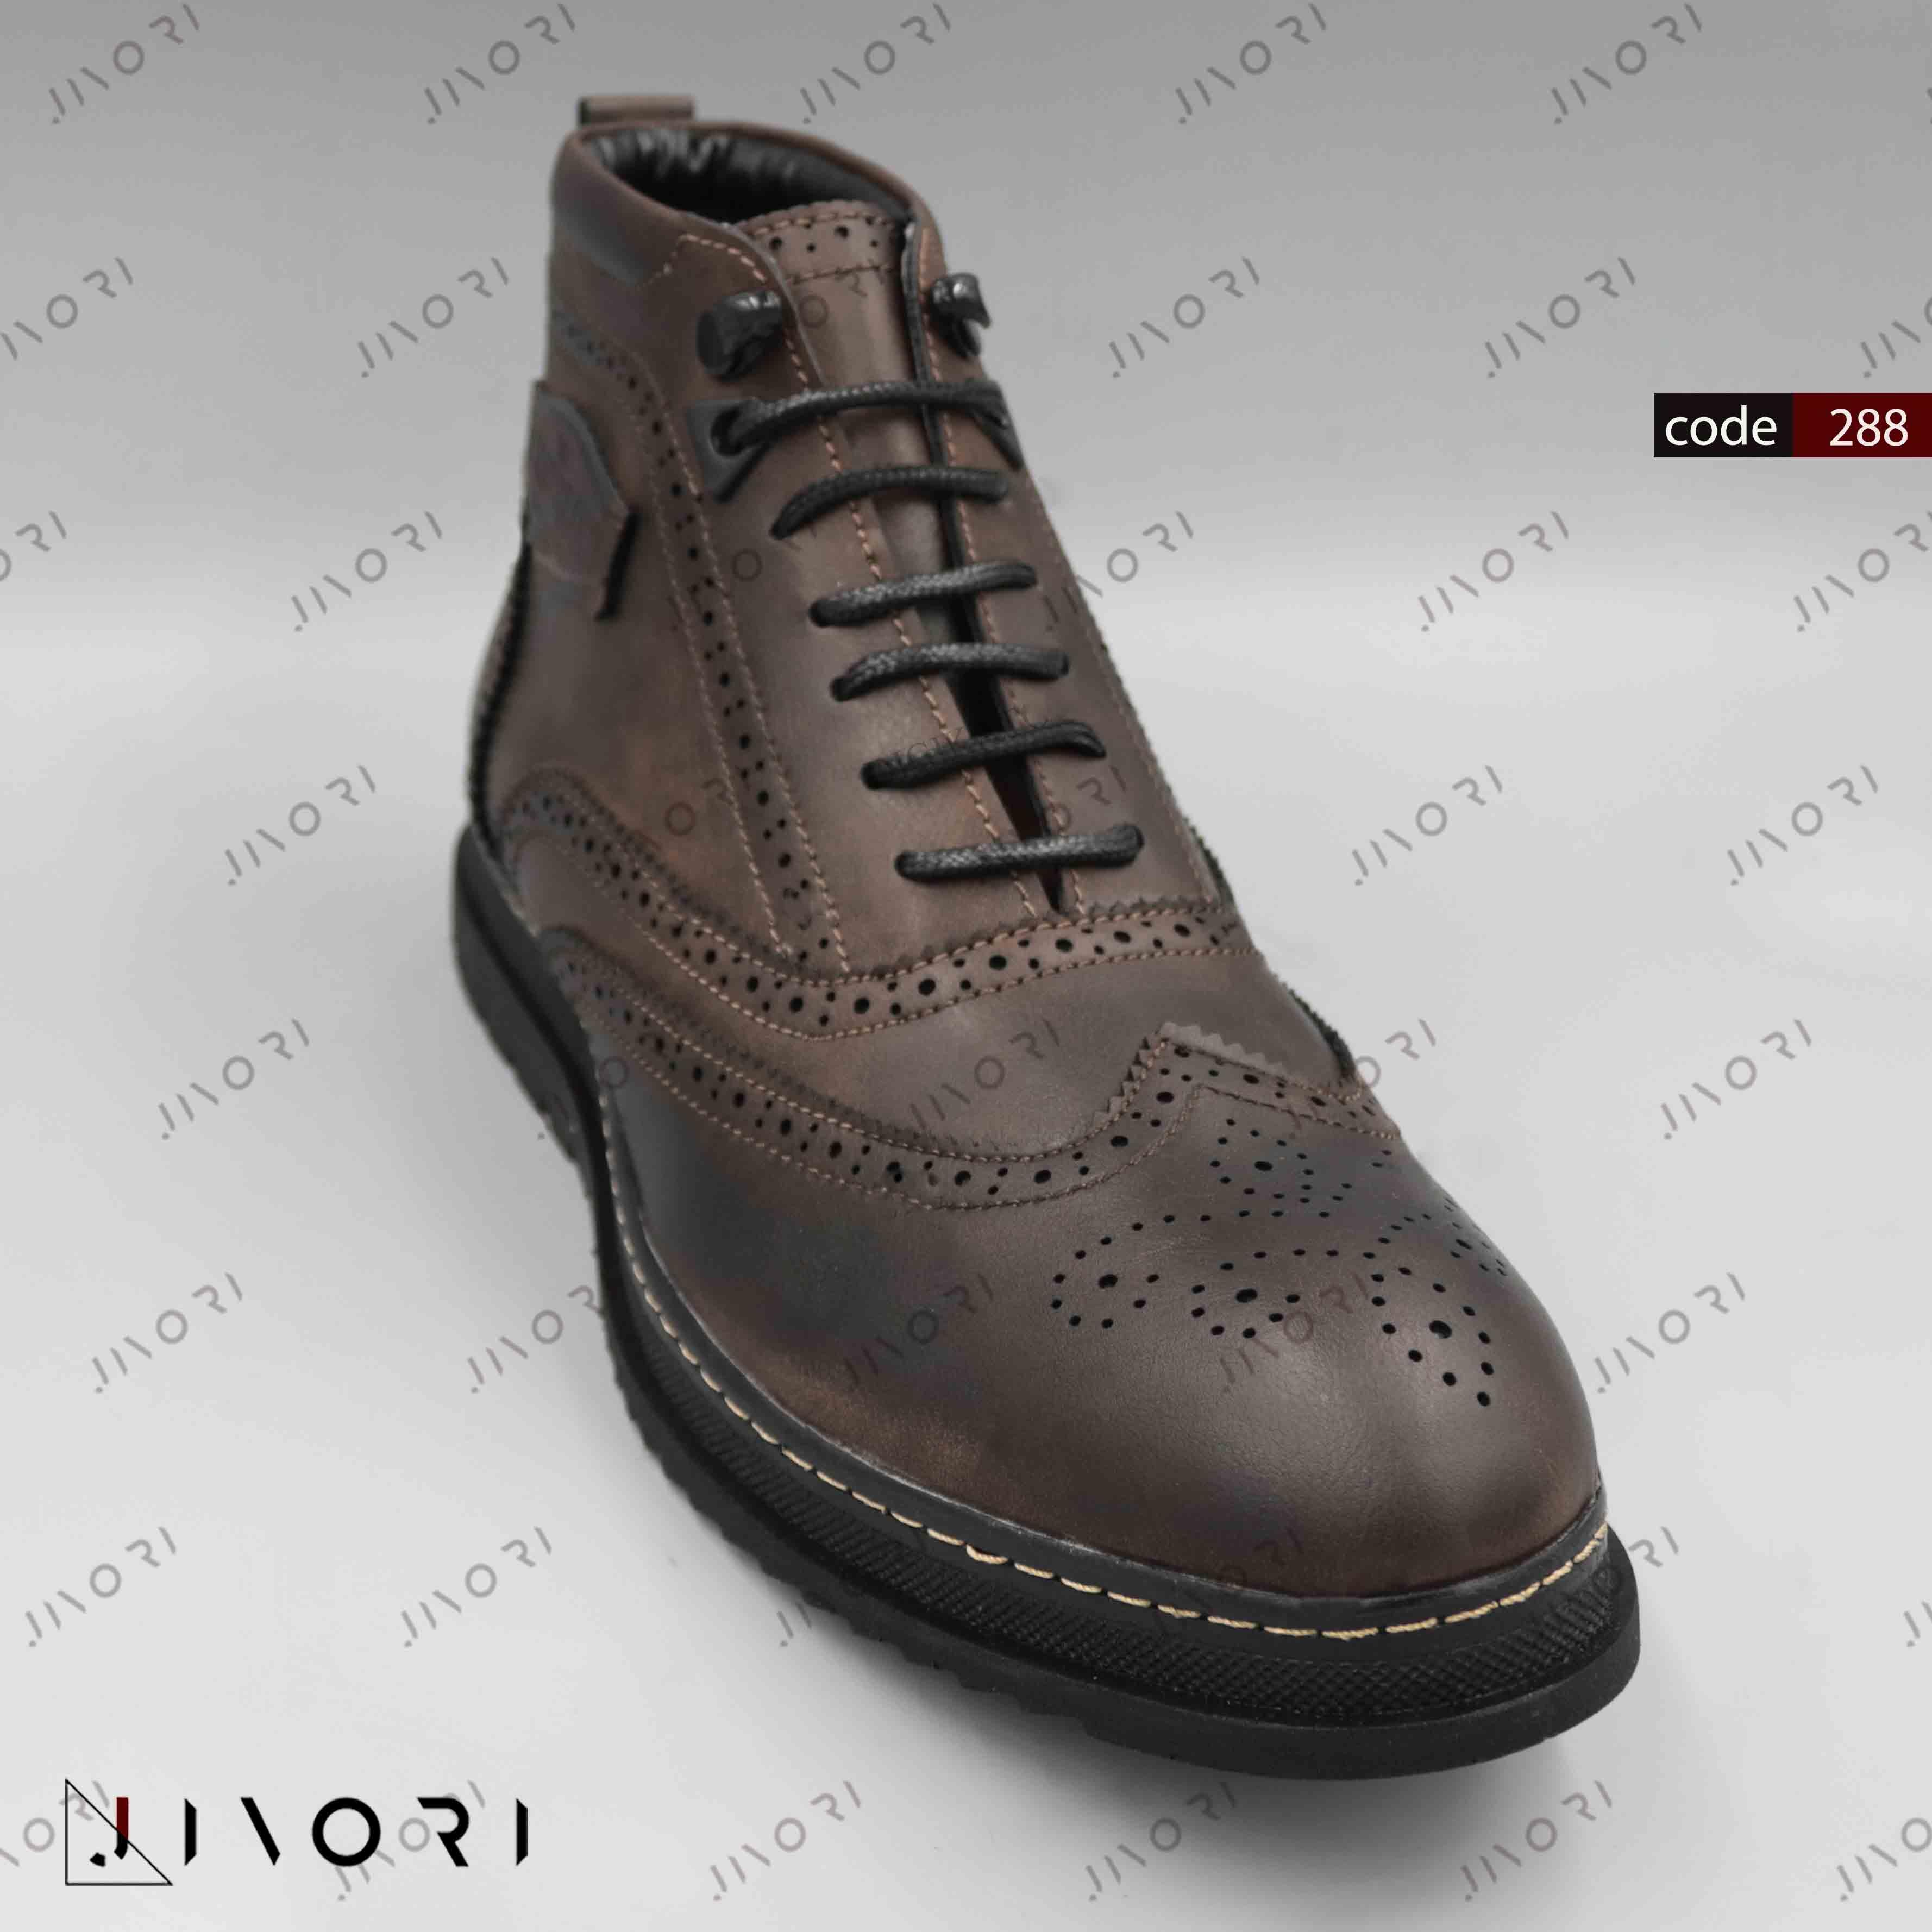 کفش مردانه تیمبرلند (288)